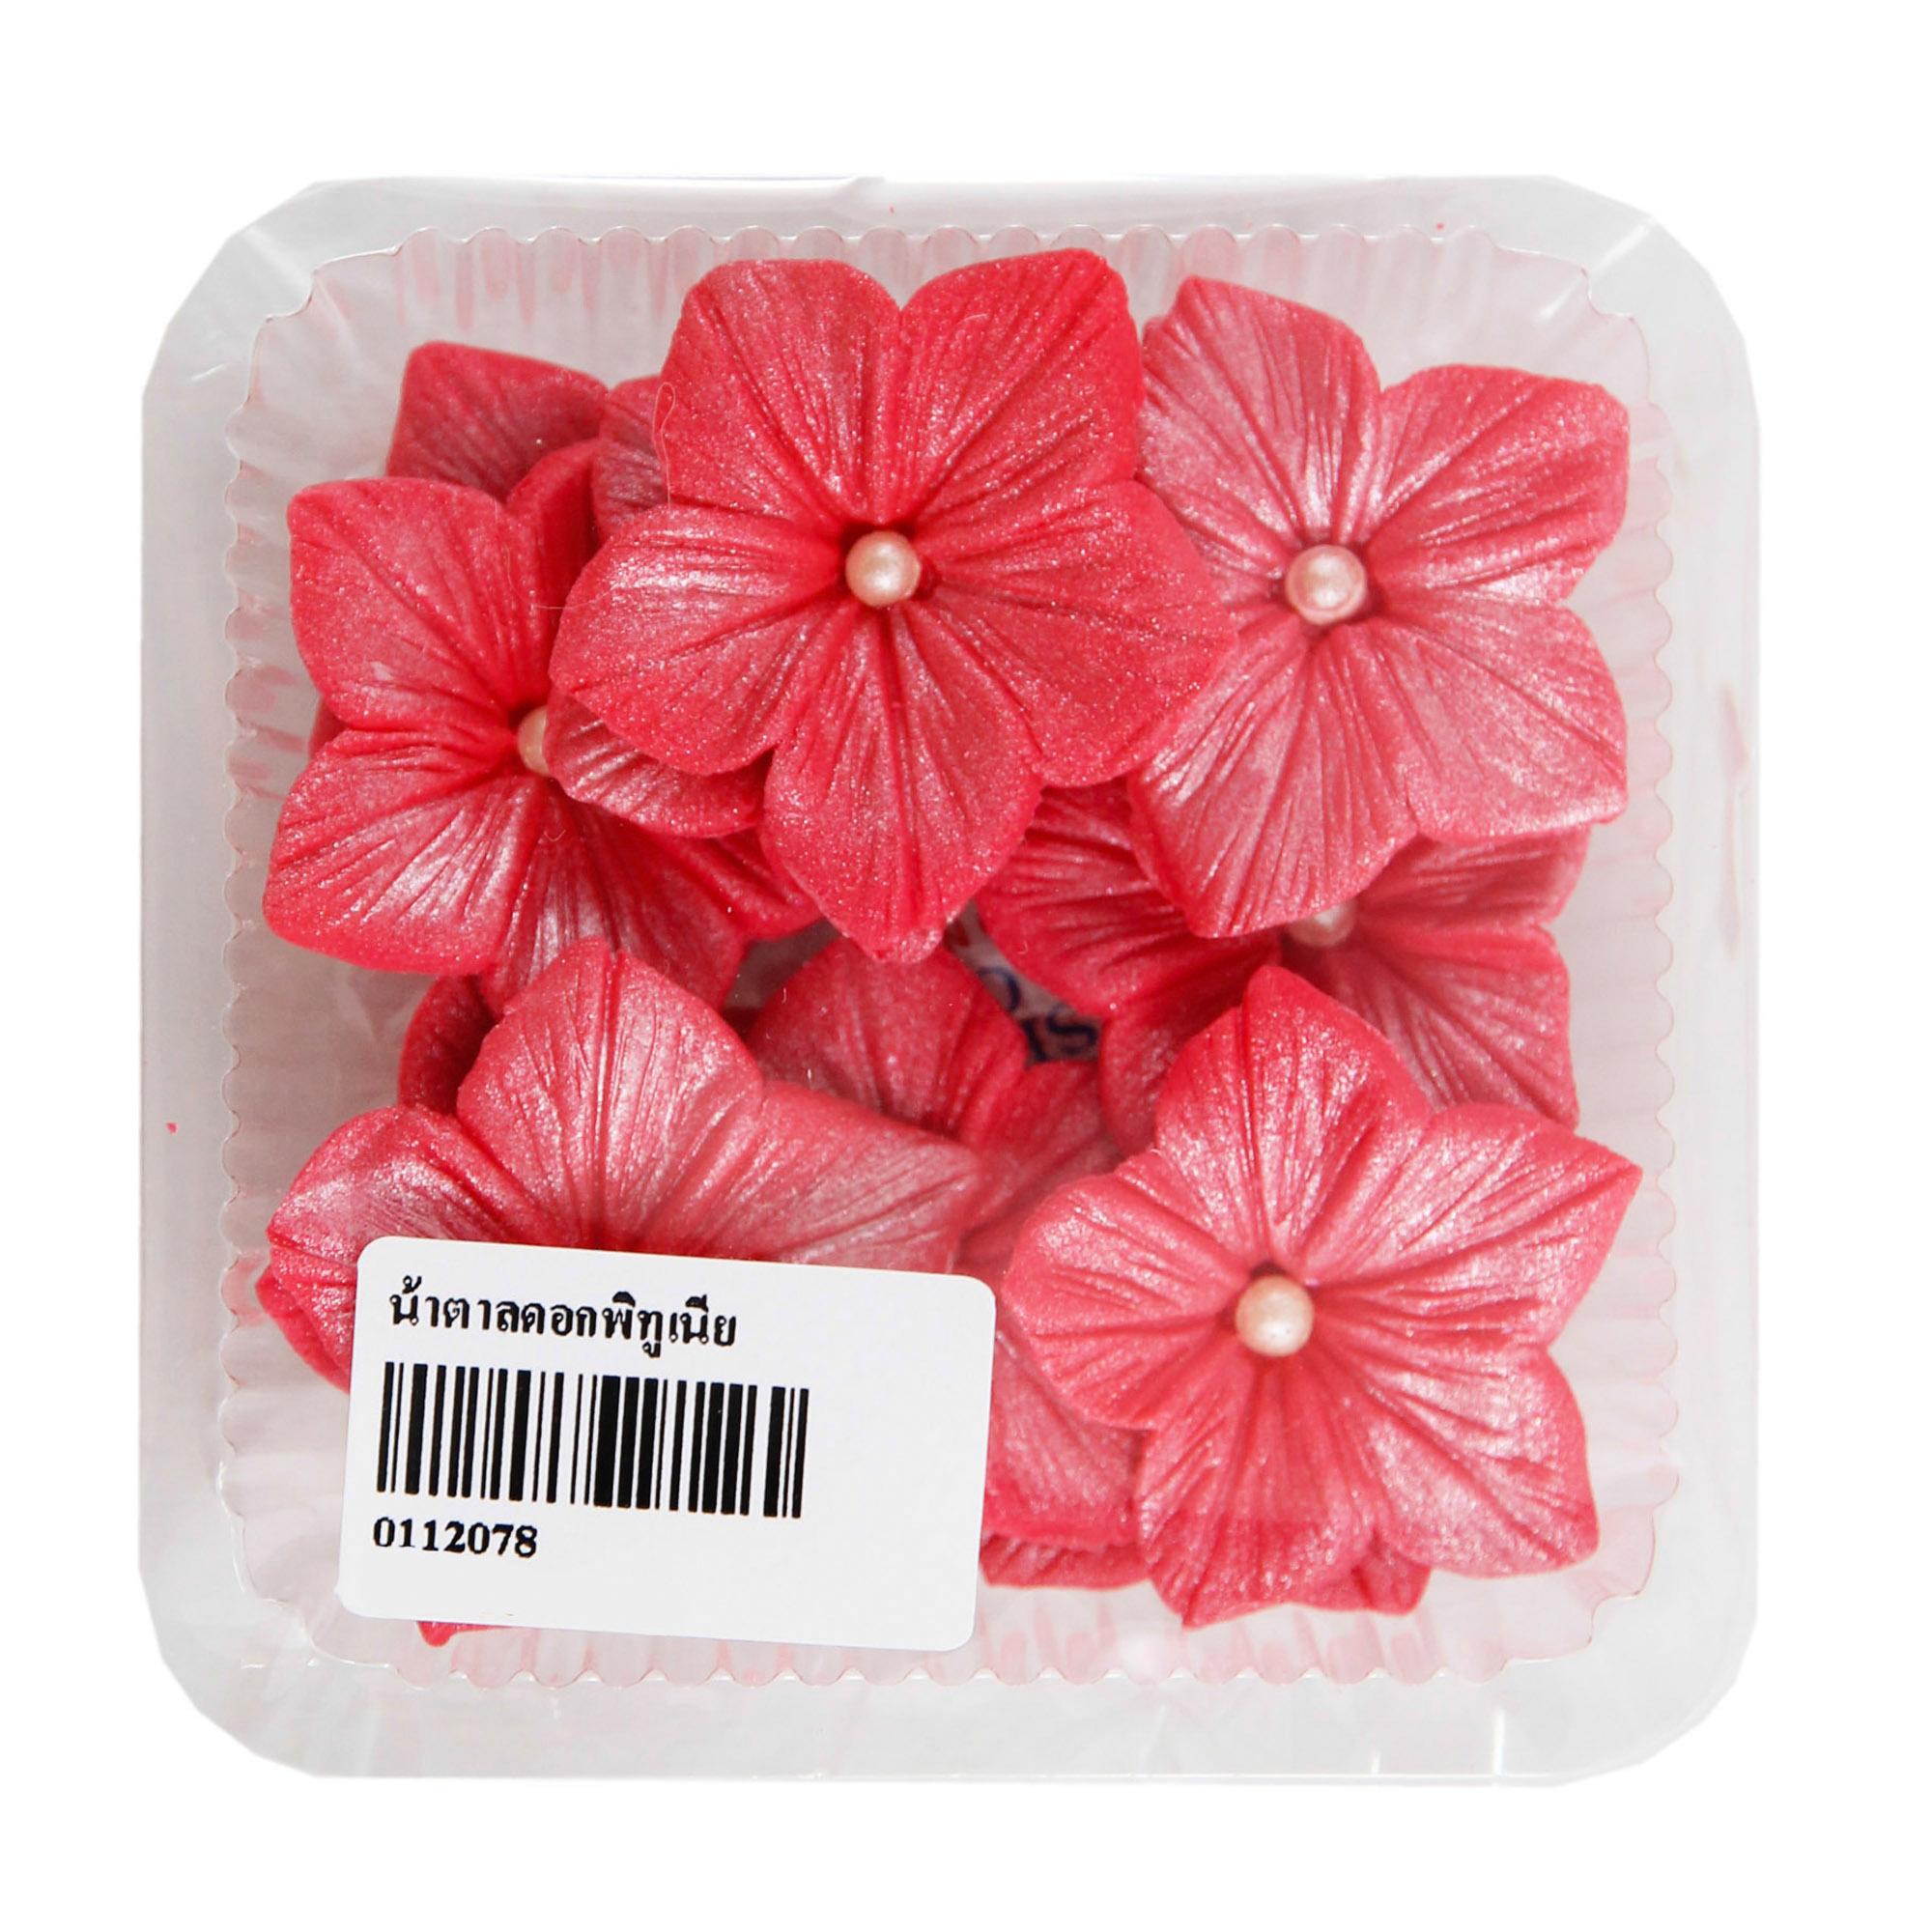 น้ำตาลรูปดอกพิทูเนีย สีแดง (น้ำตาลตกแต่งหน้าเค้ก)